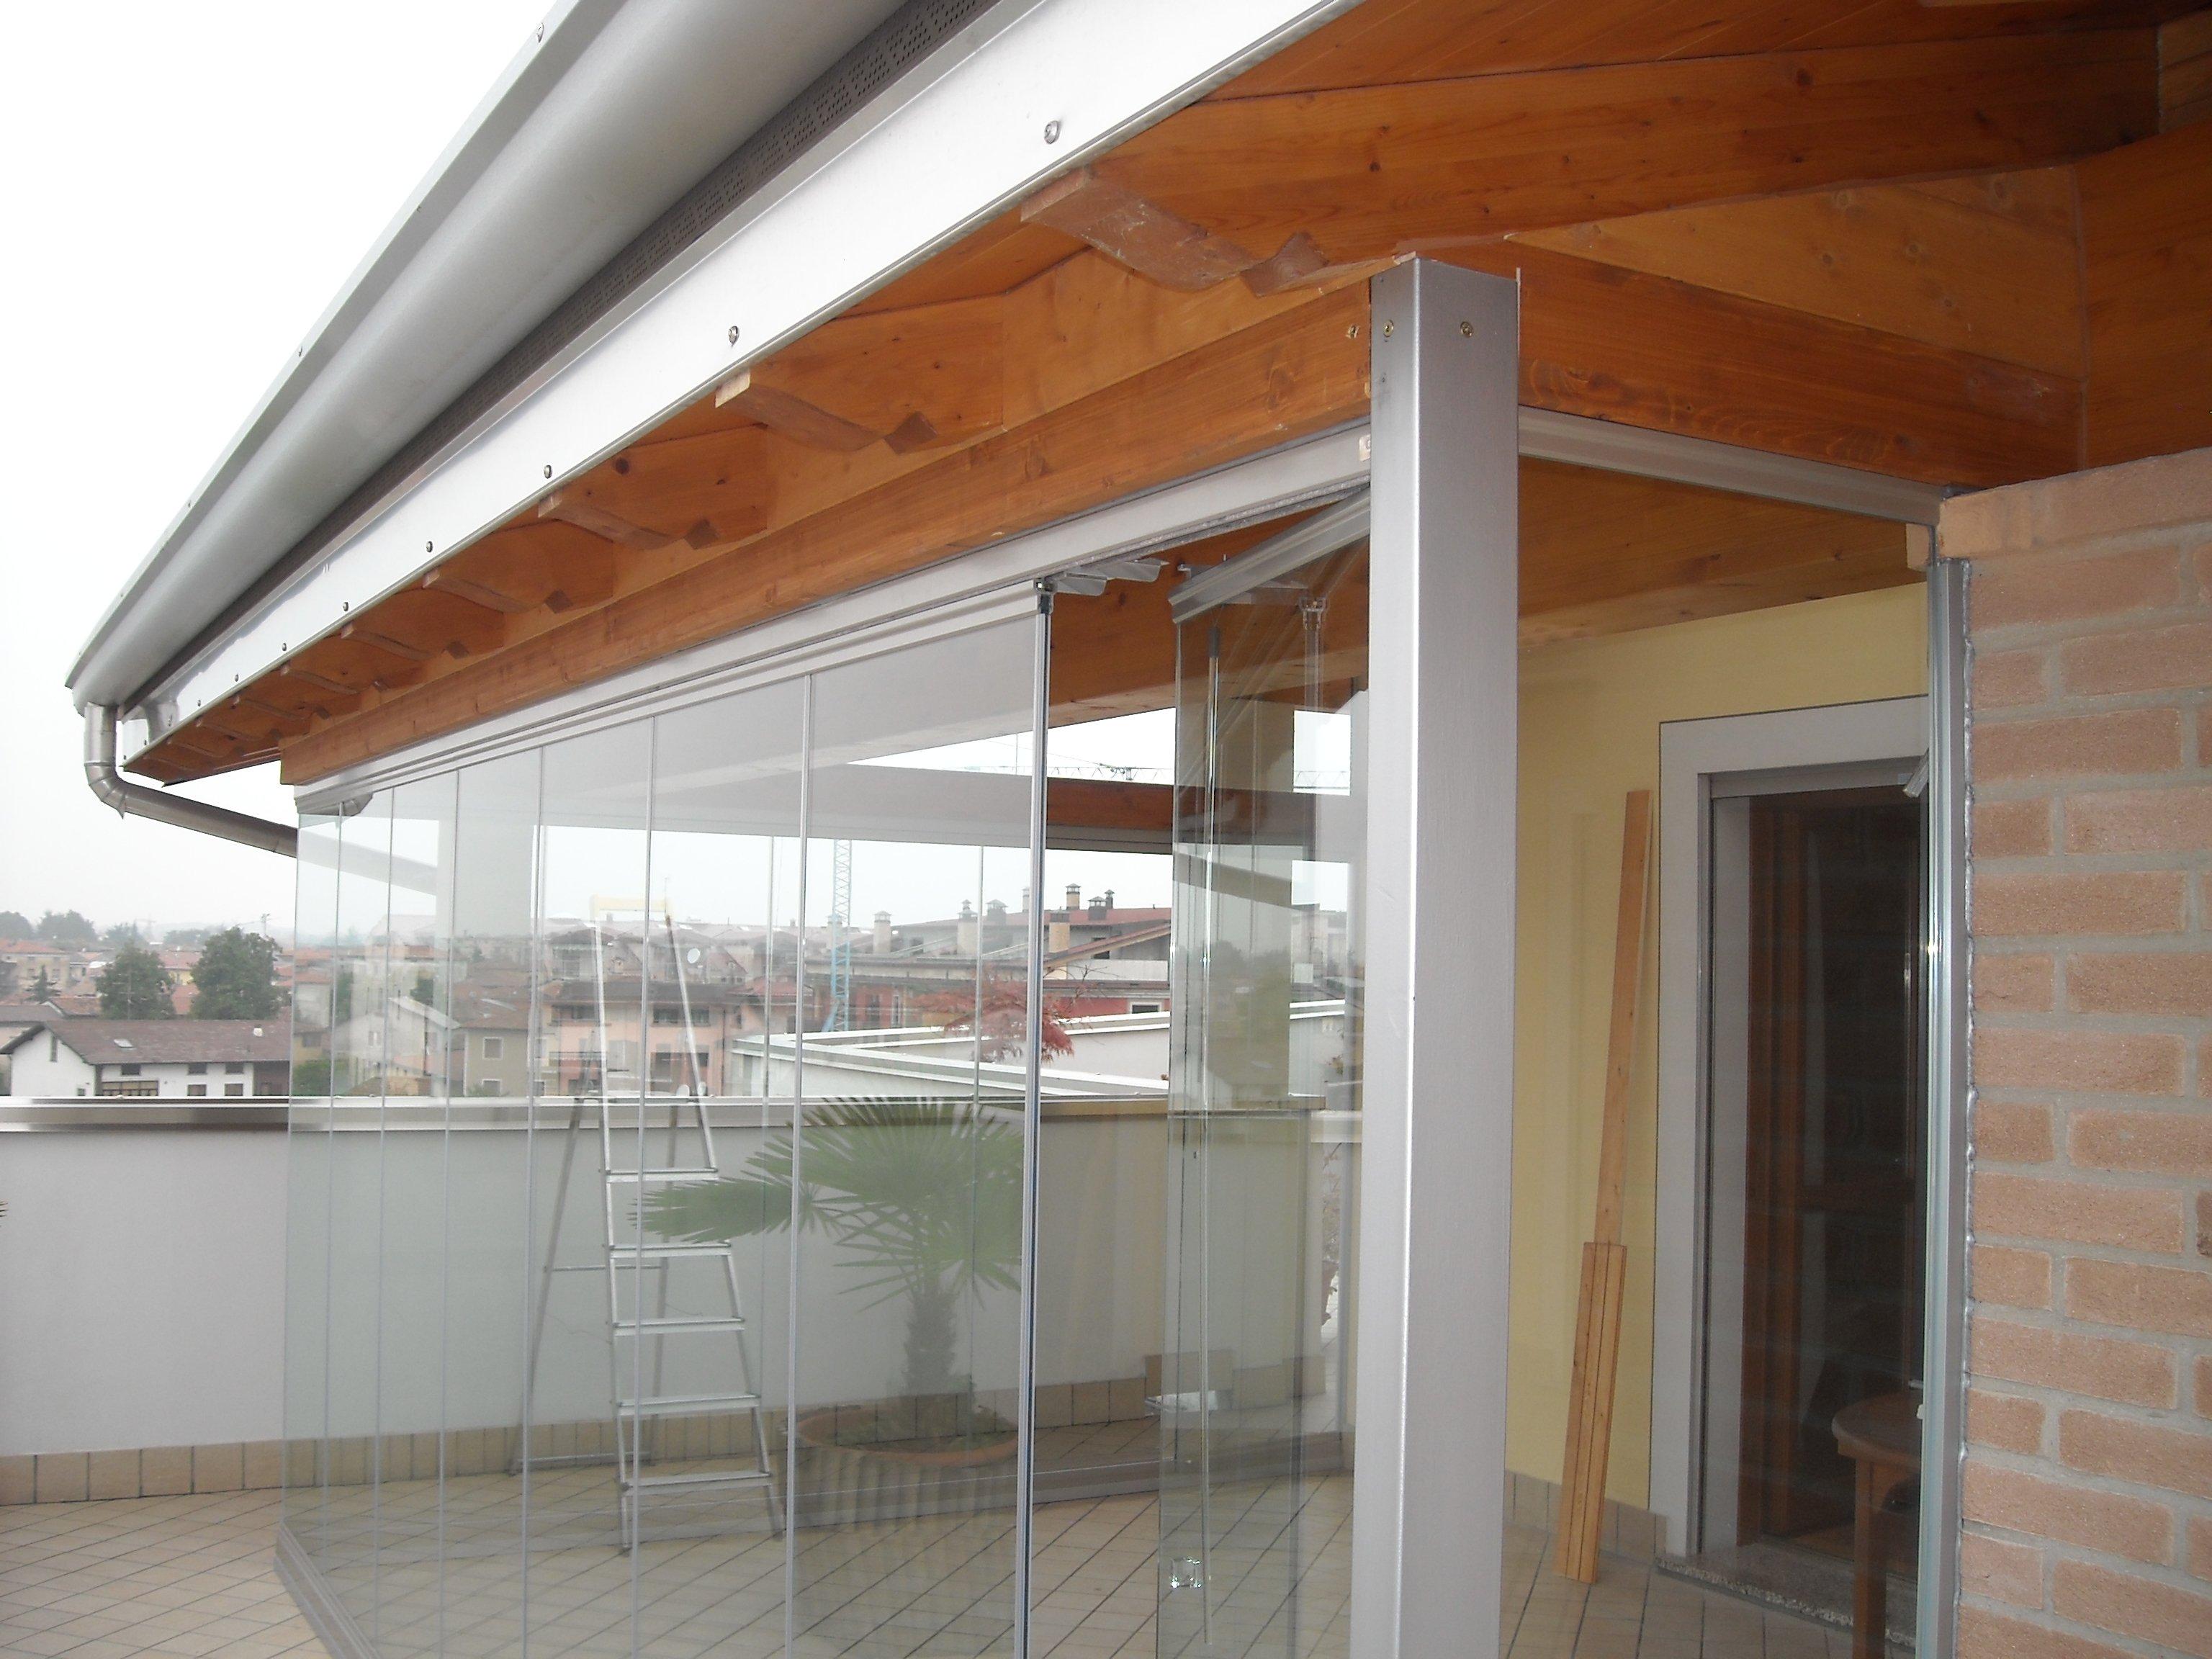 vista esterna di porte in vetro con soffitto in legno